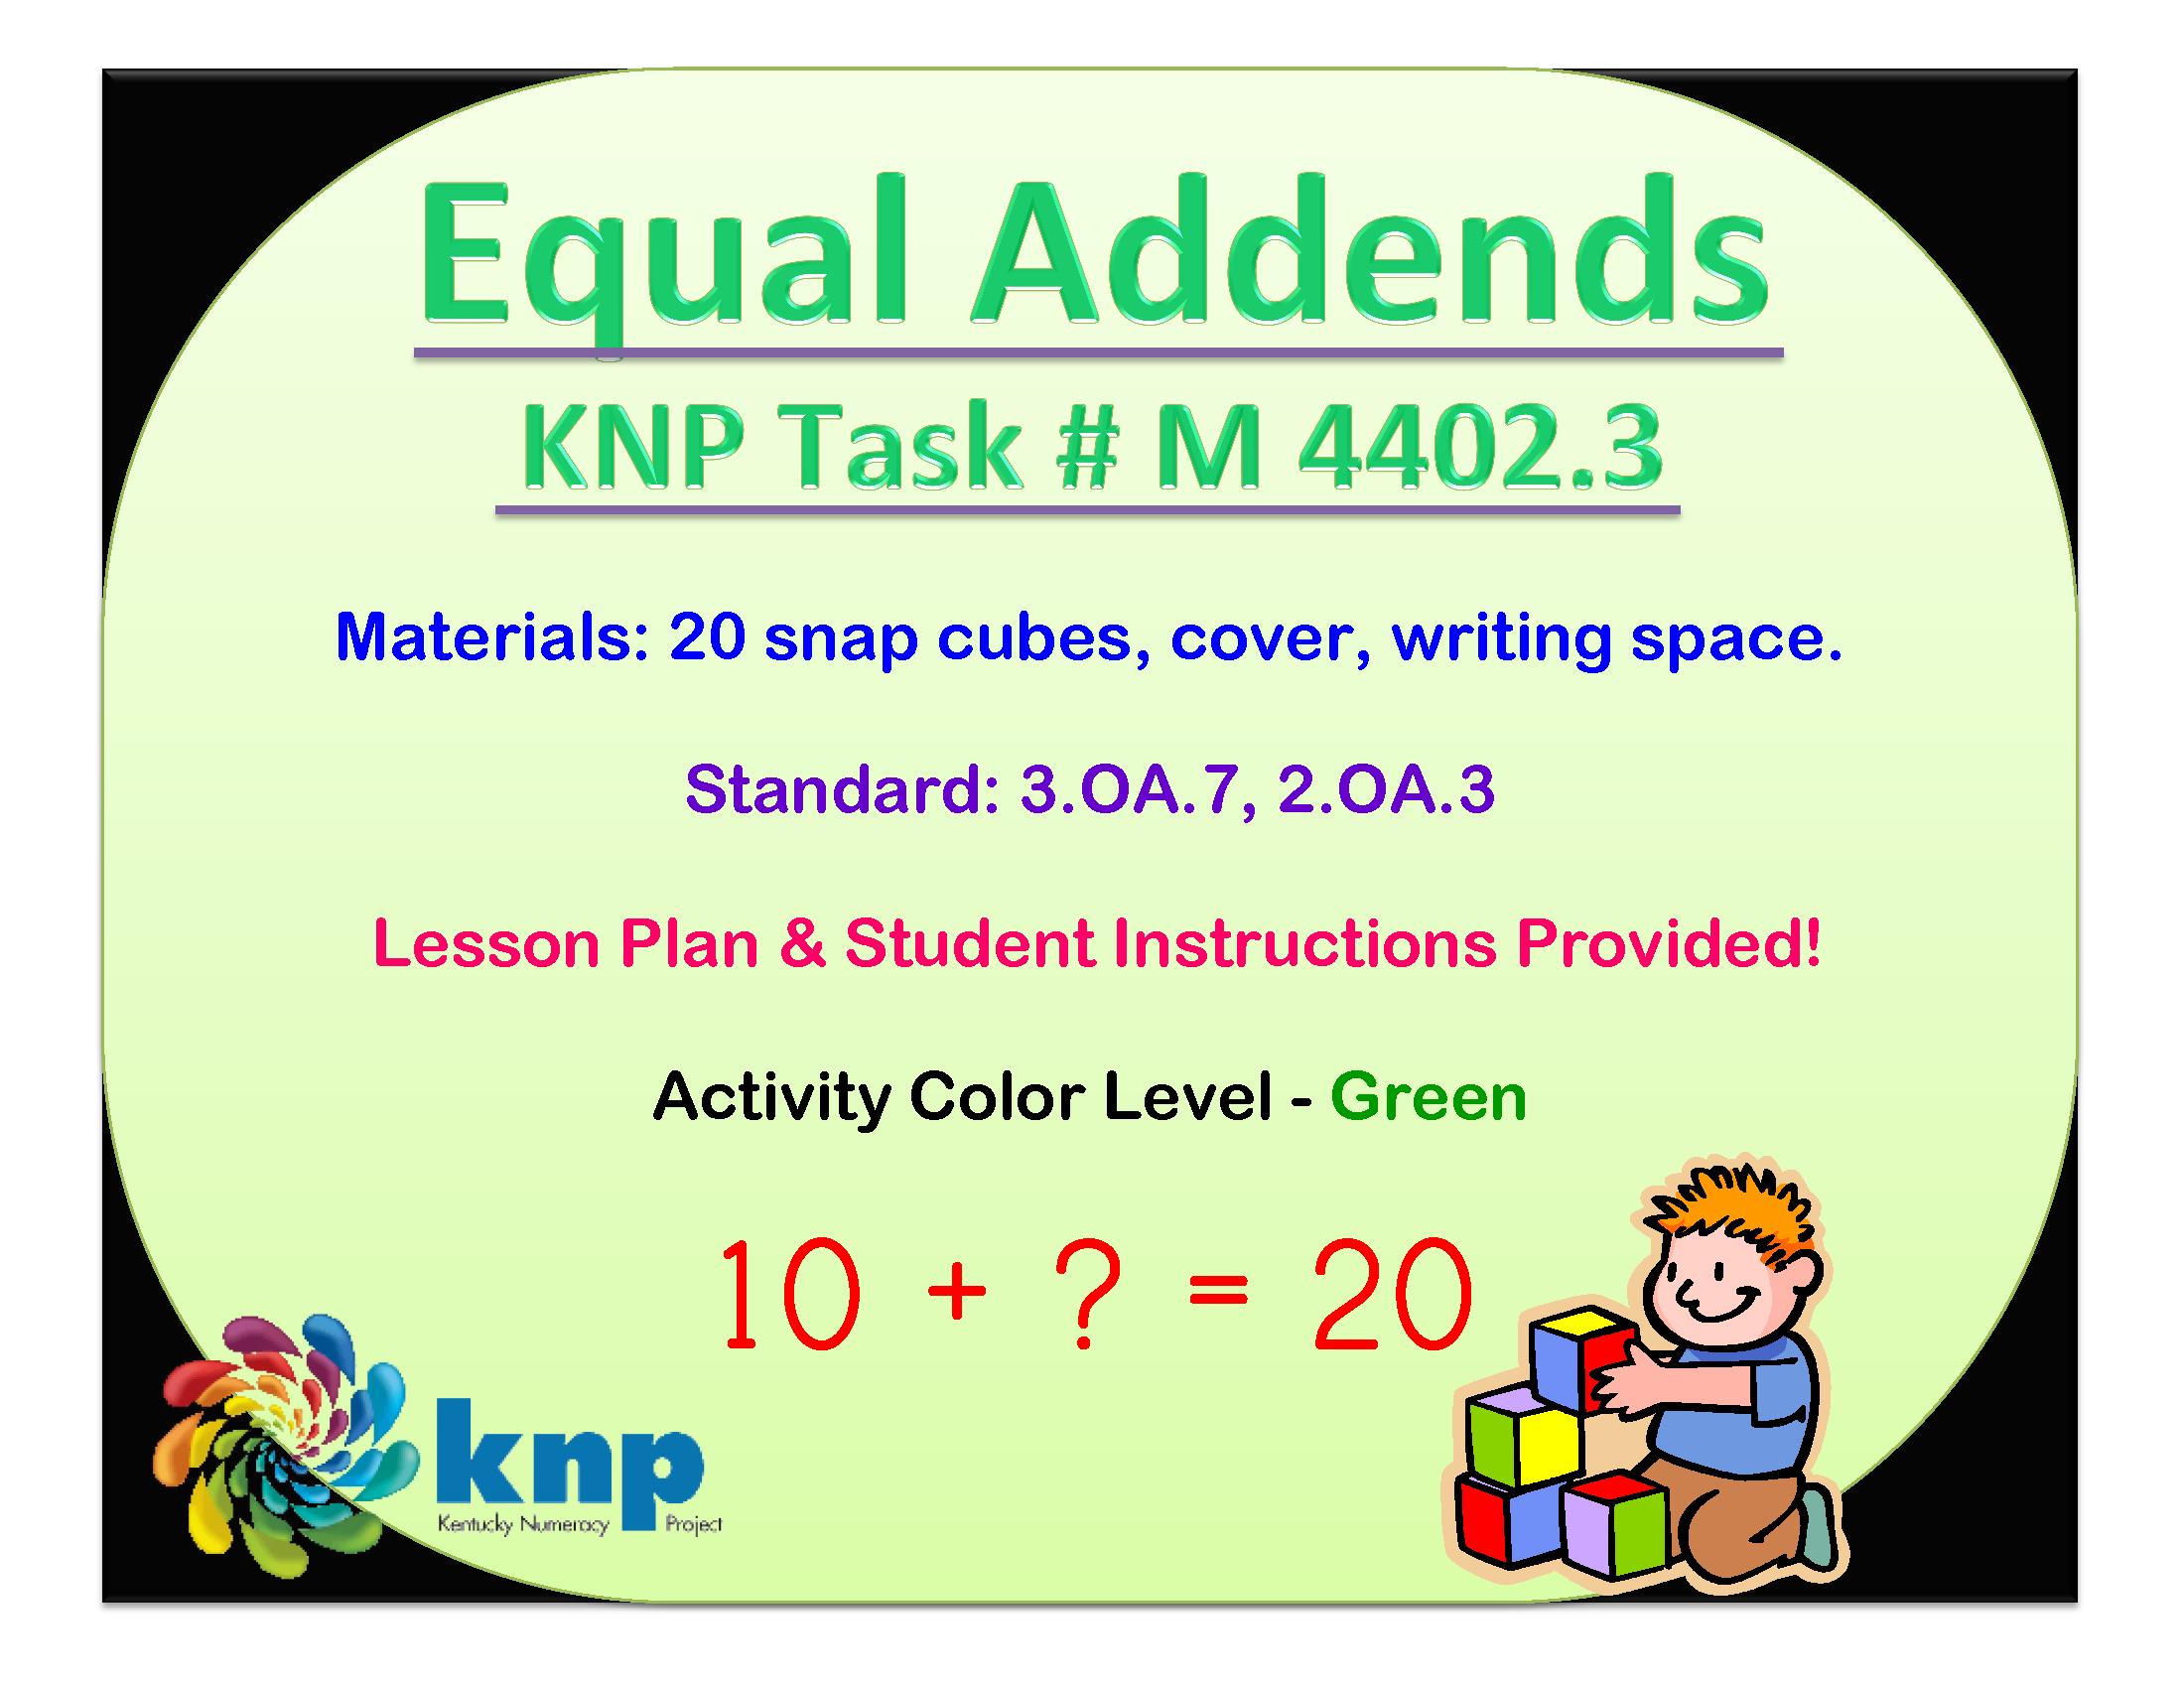 Equal Addends